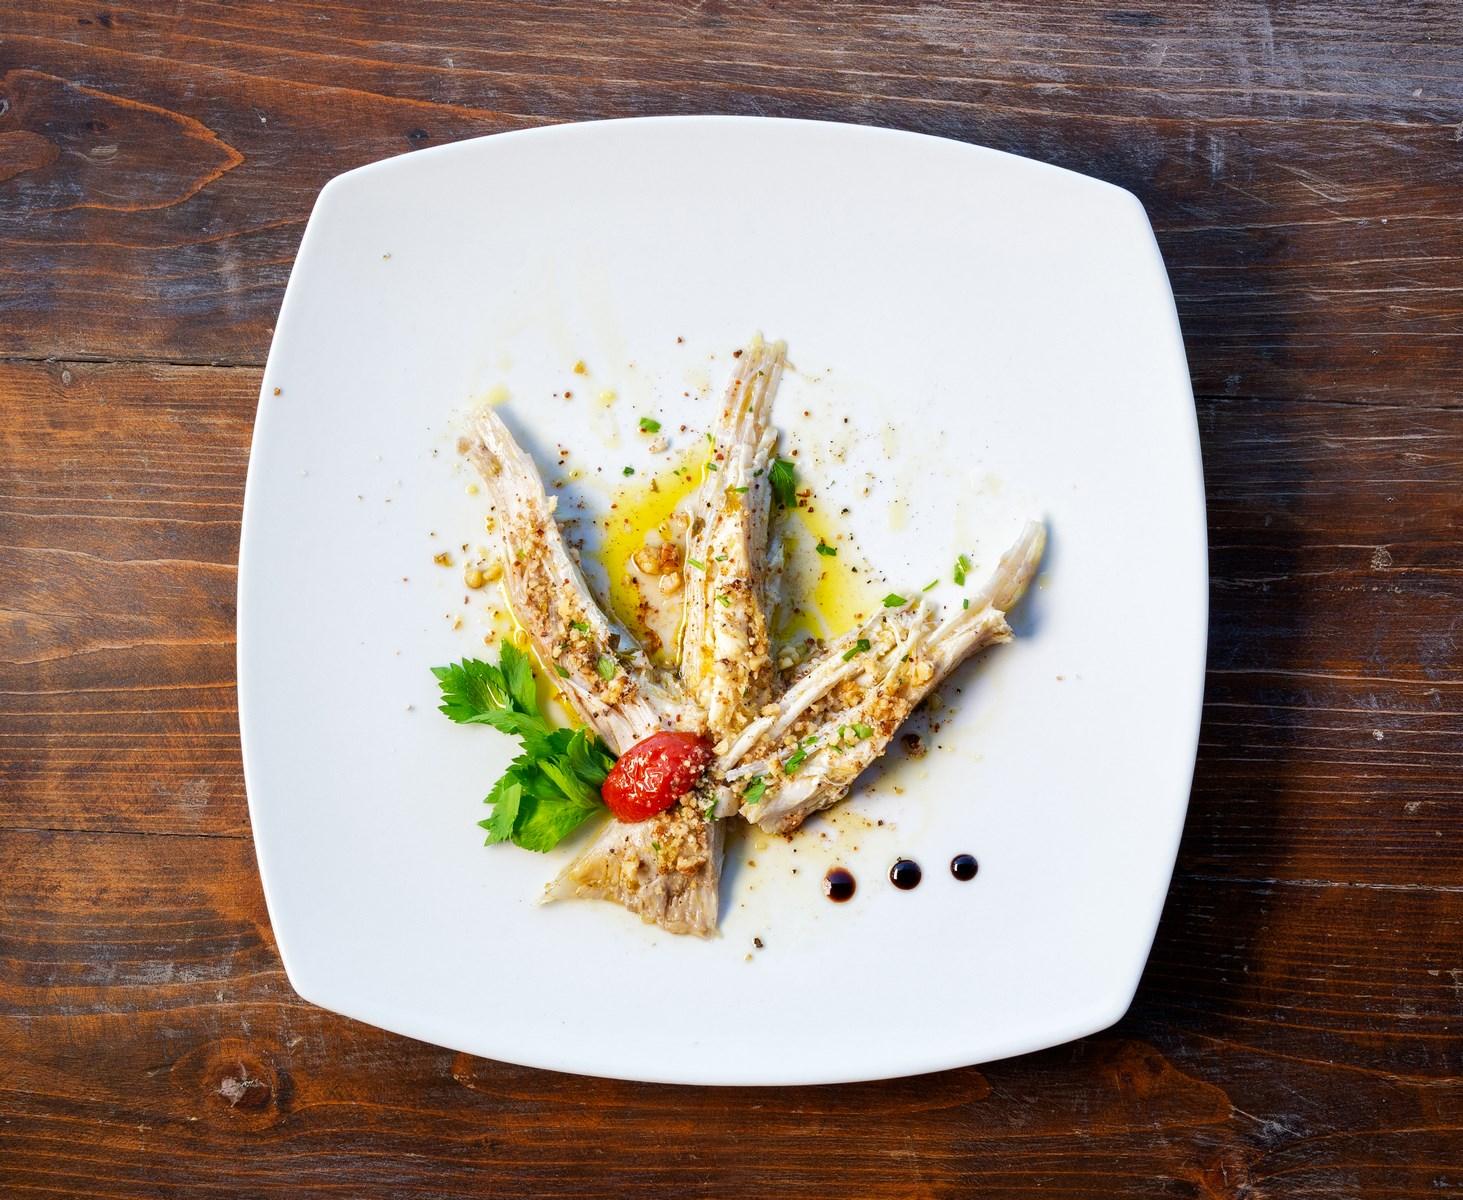 ristorante menu di pesce fresco